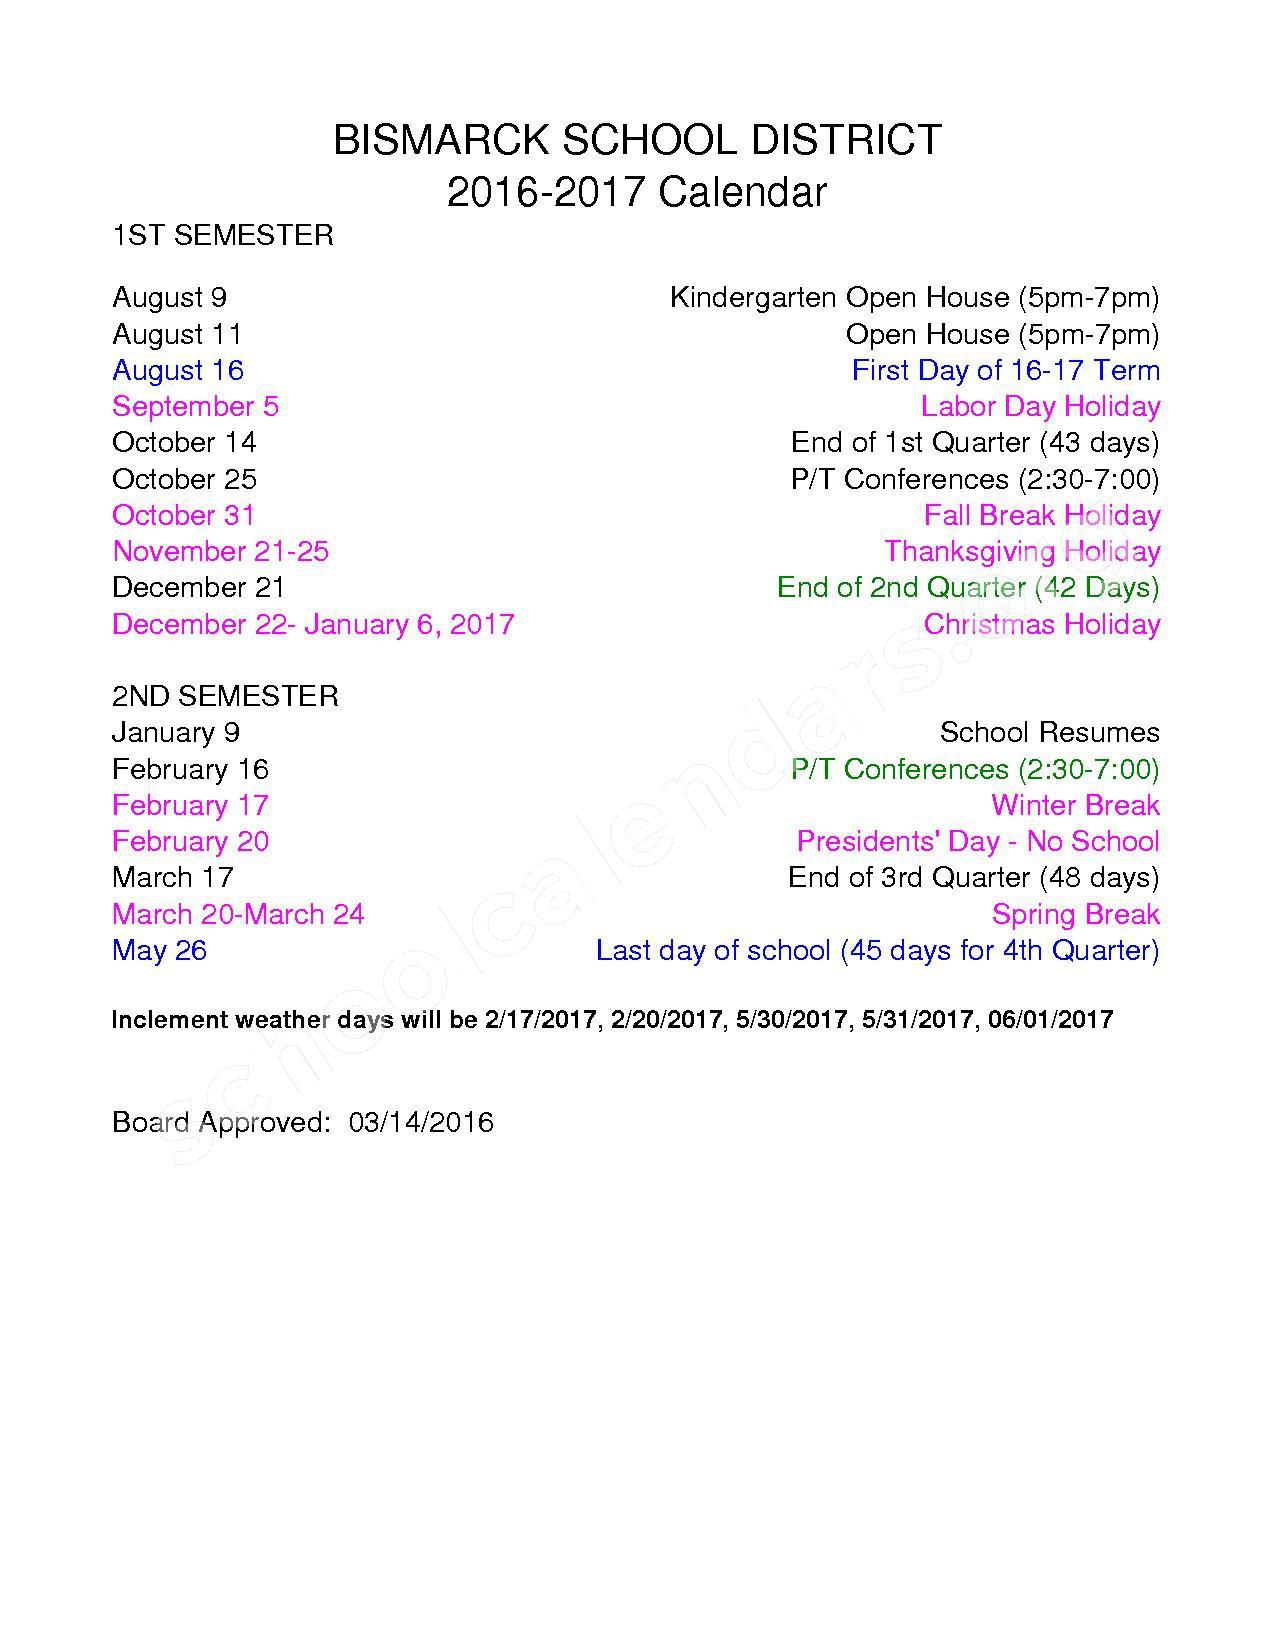 2016 - 2017 School Calendar – Bismarck School District – page 1